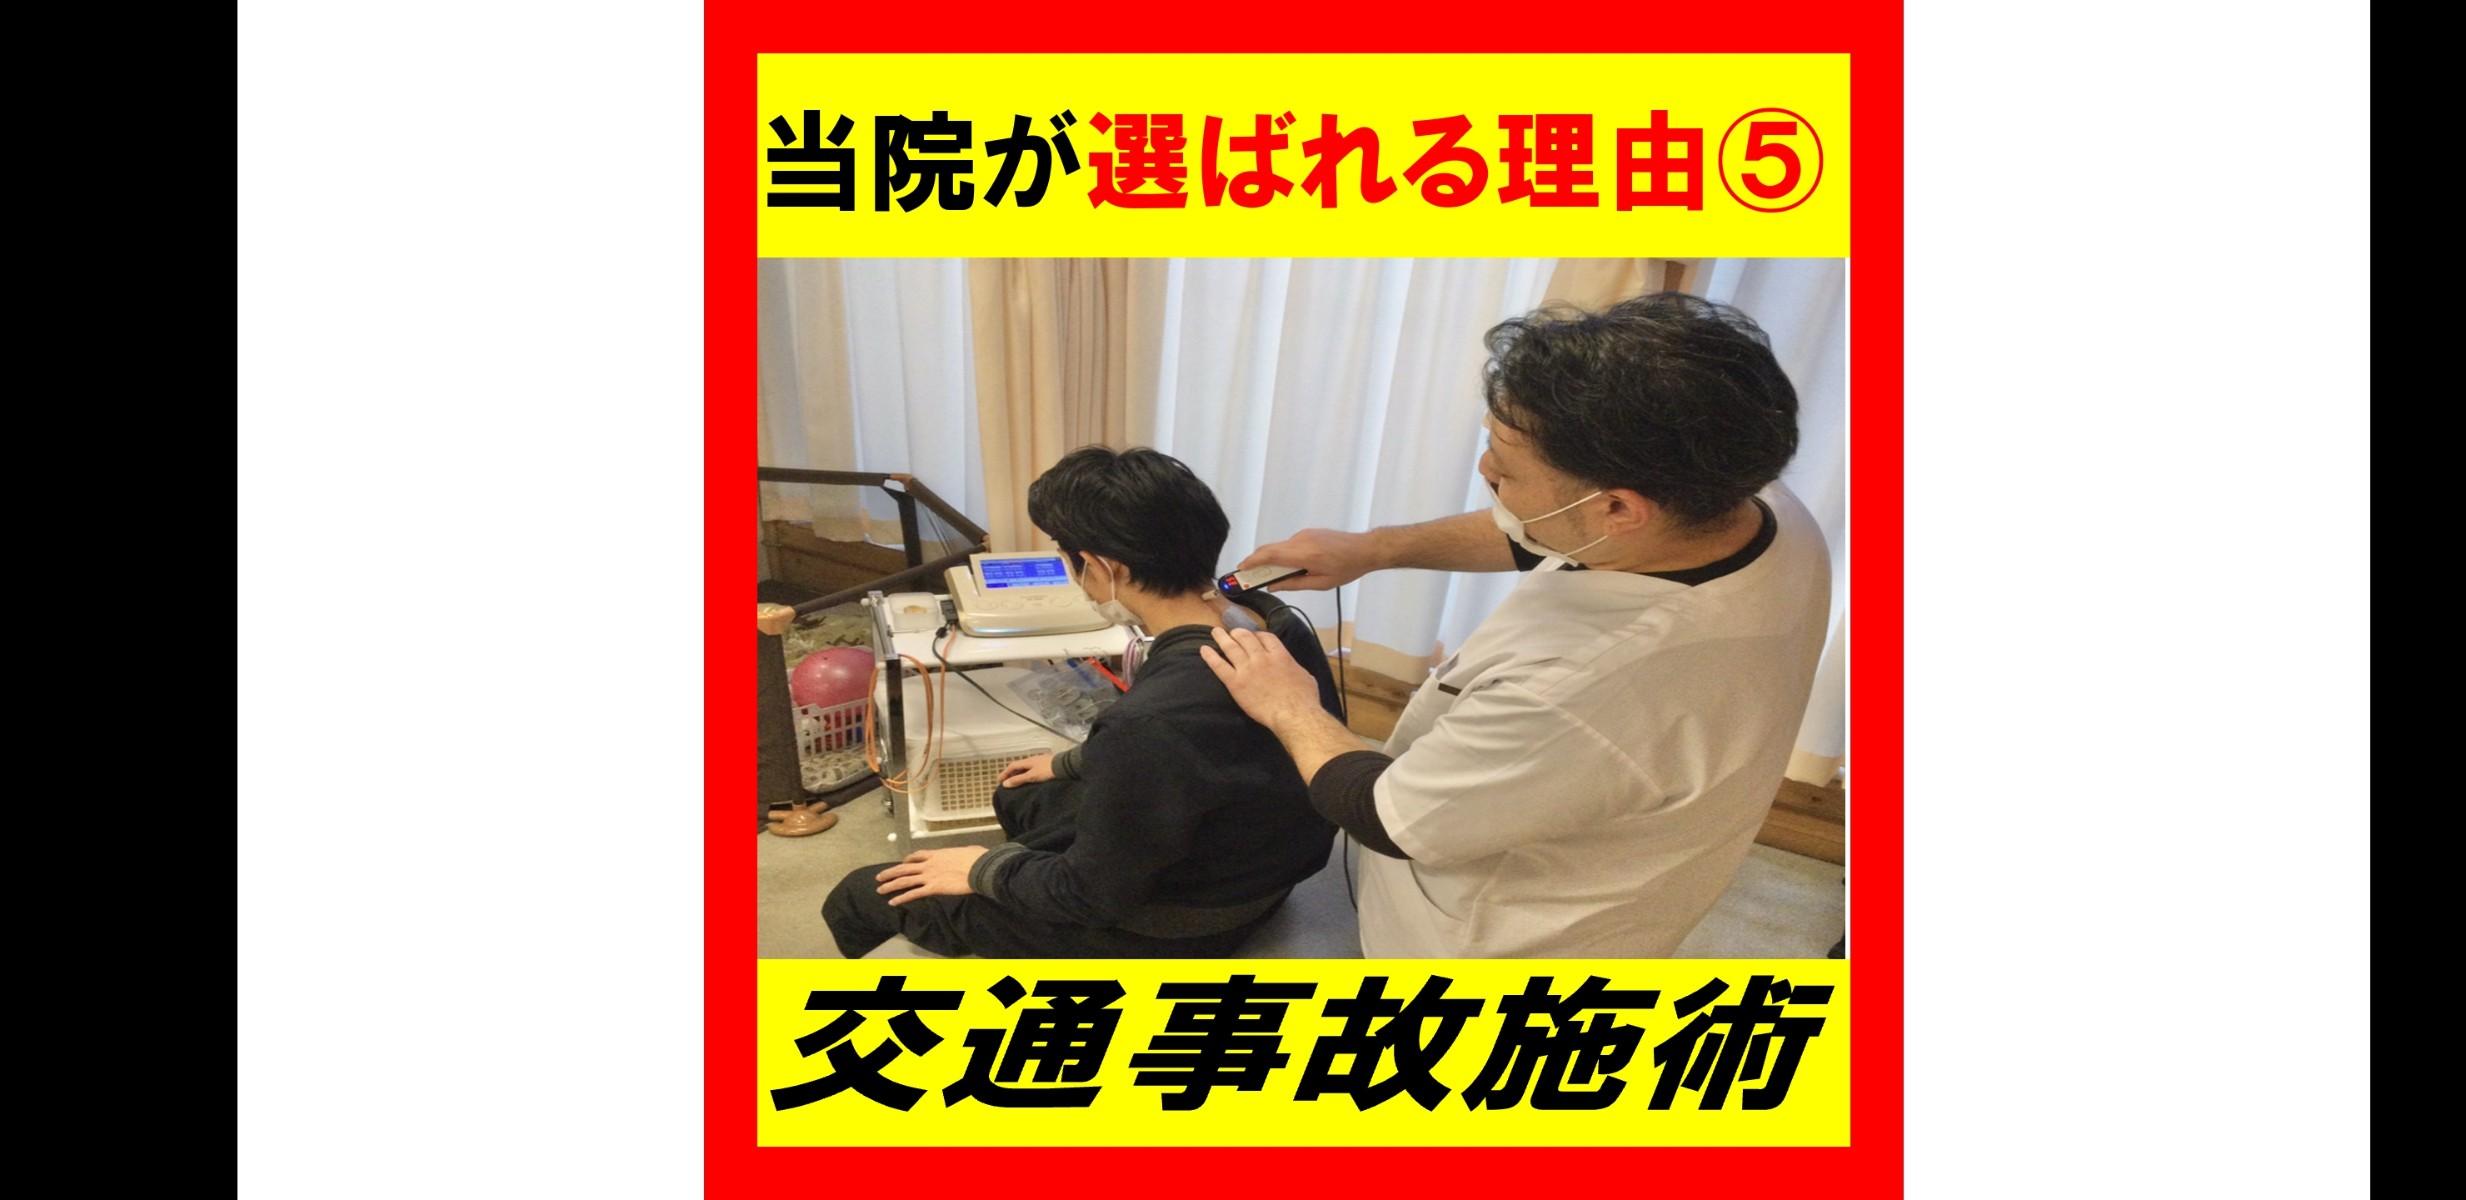 交通事故施術0円!腰痛や肩こり・猫背骨盤矯正もお任せください